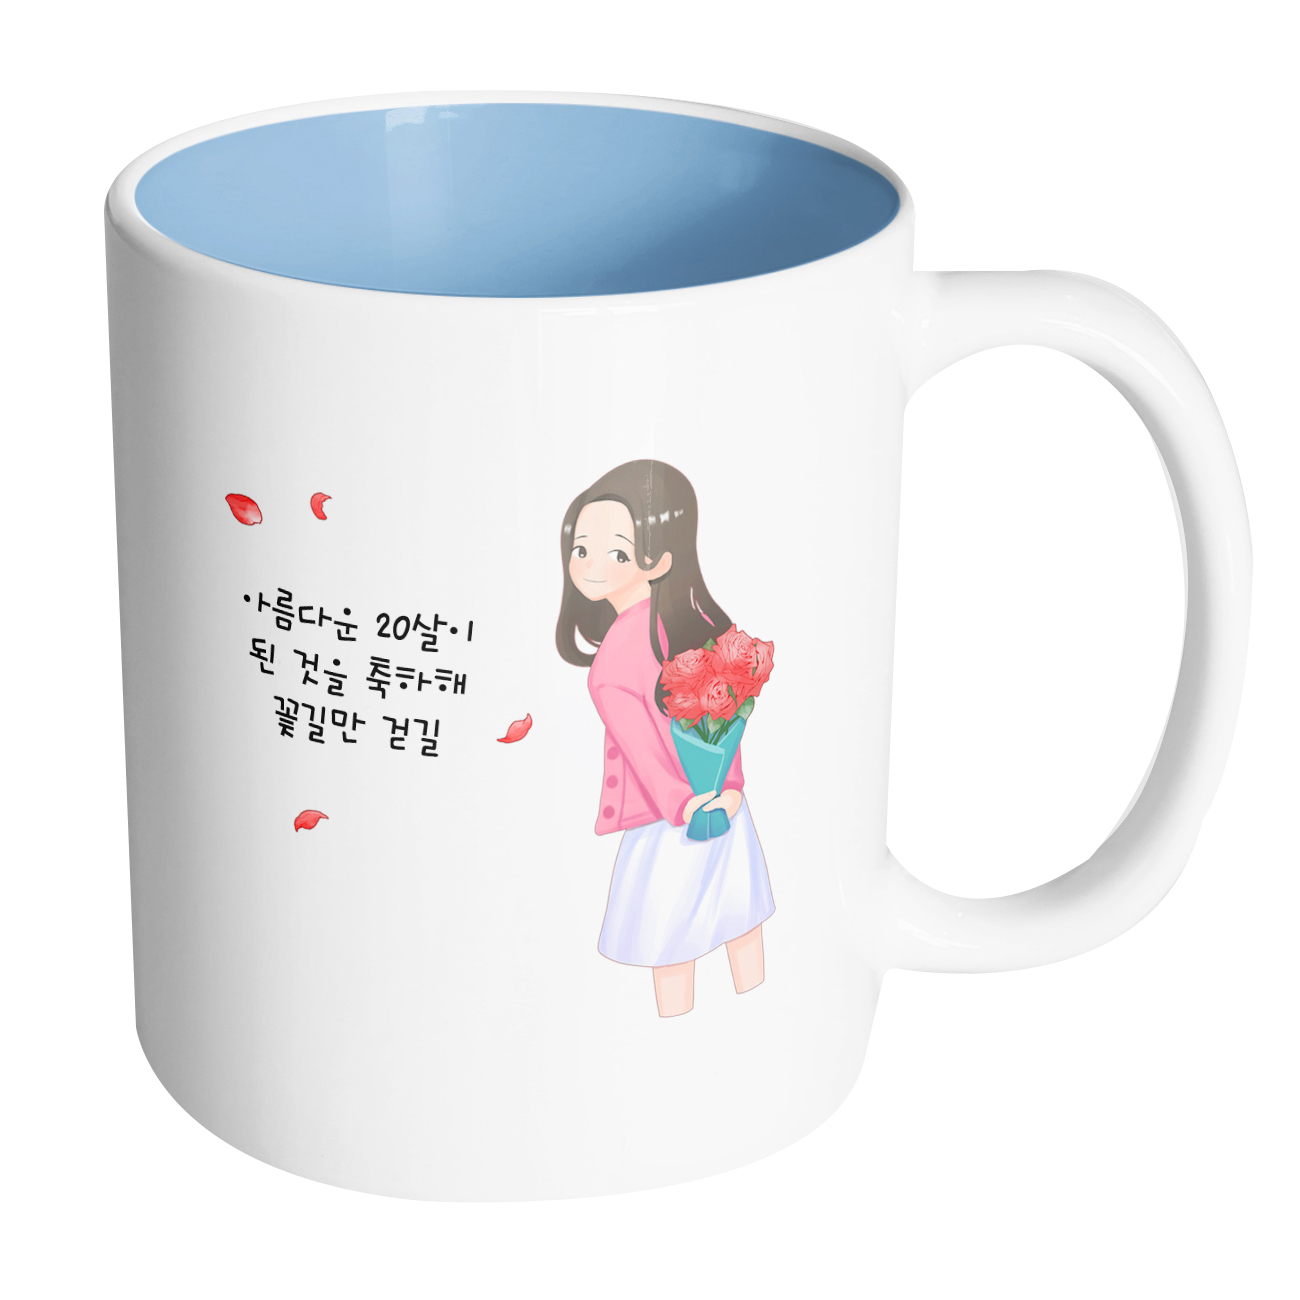 핸드팩토리 성년의날여자꽃다발 아름다운20살이된것을축하해꽃길만걷길 머그컵, 내부 파스텔 블루, 1개